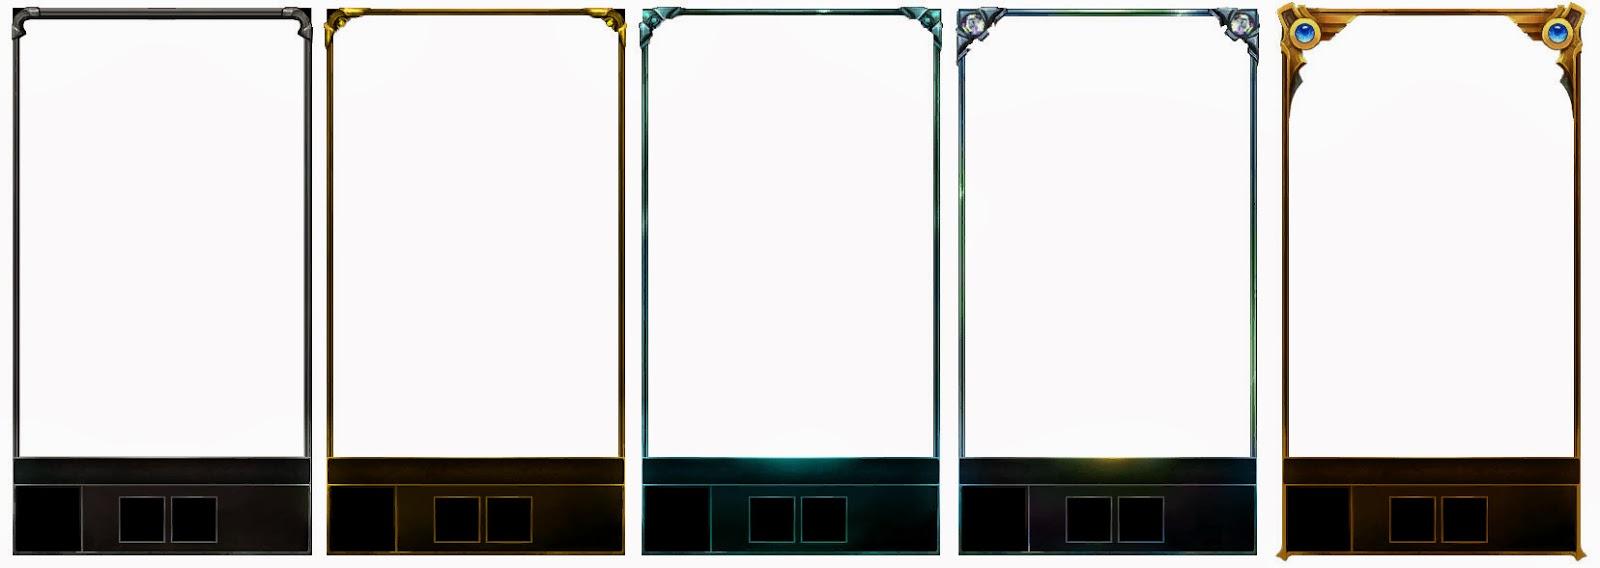 Screen frames